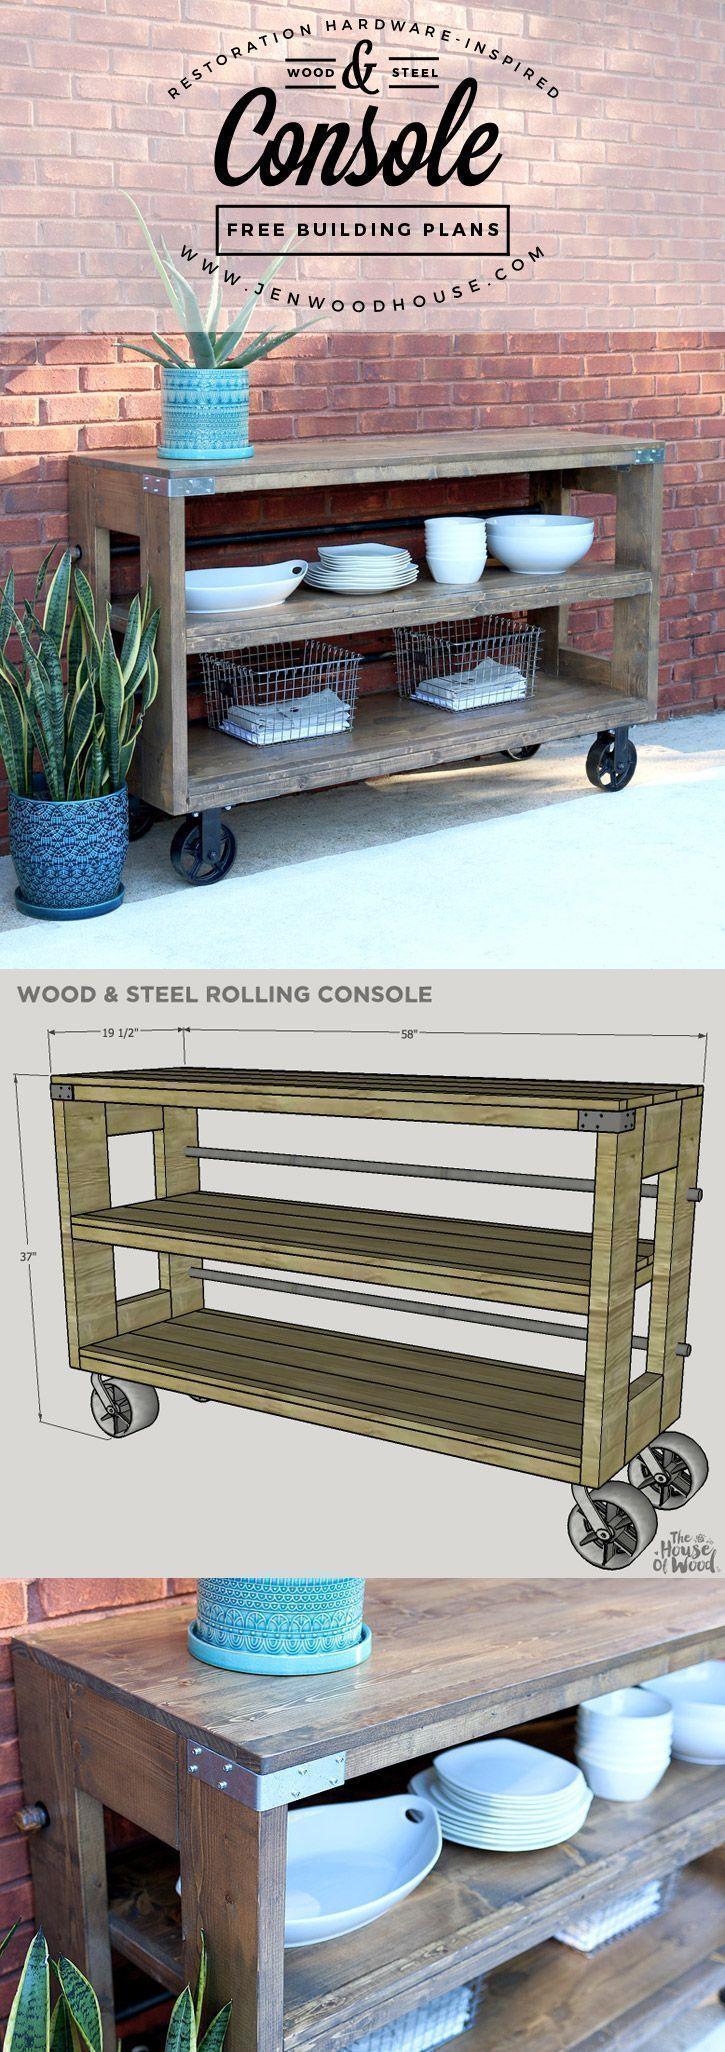 25 best ideas about restoration hardware outdoor on pinterest restoration hardware outdoor - Furniture restoration ideas ...